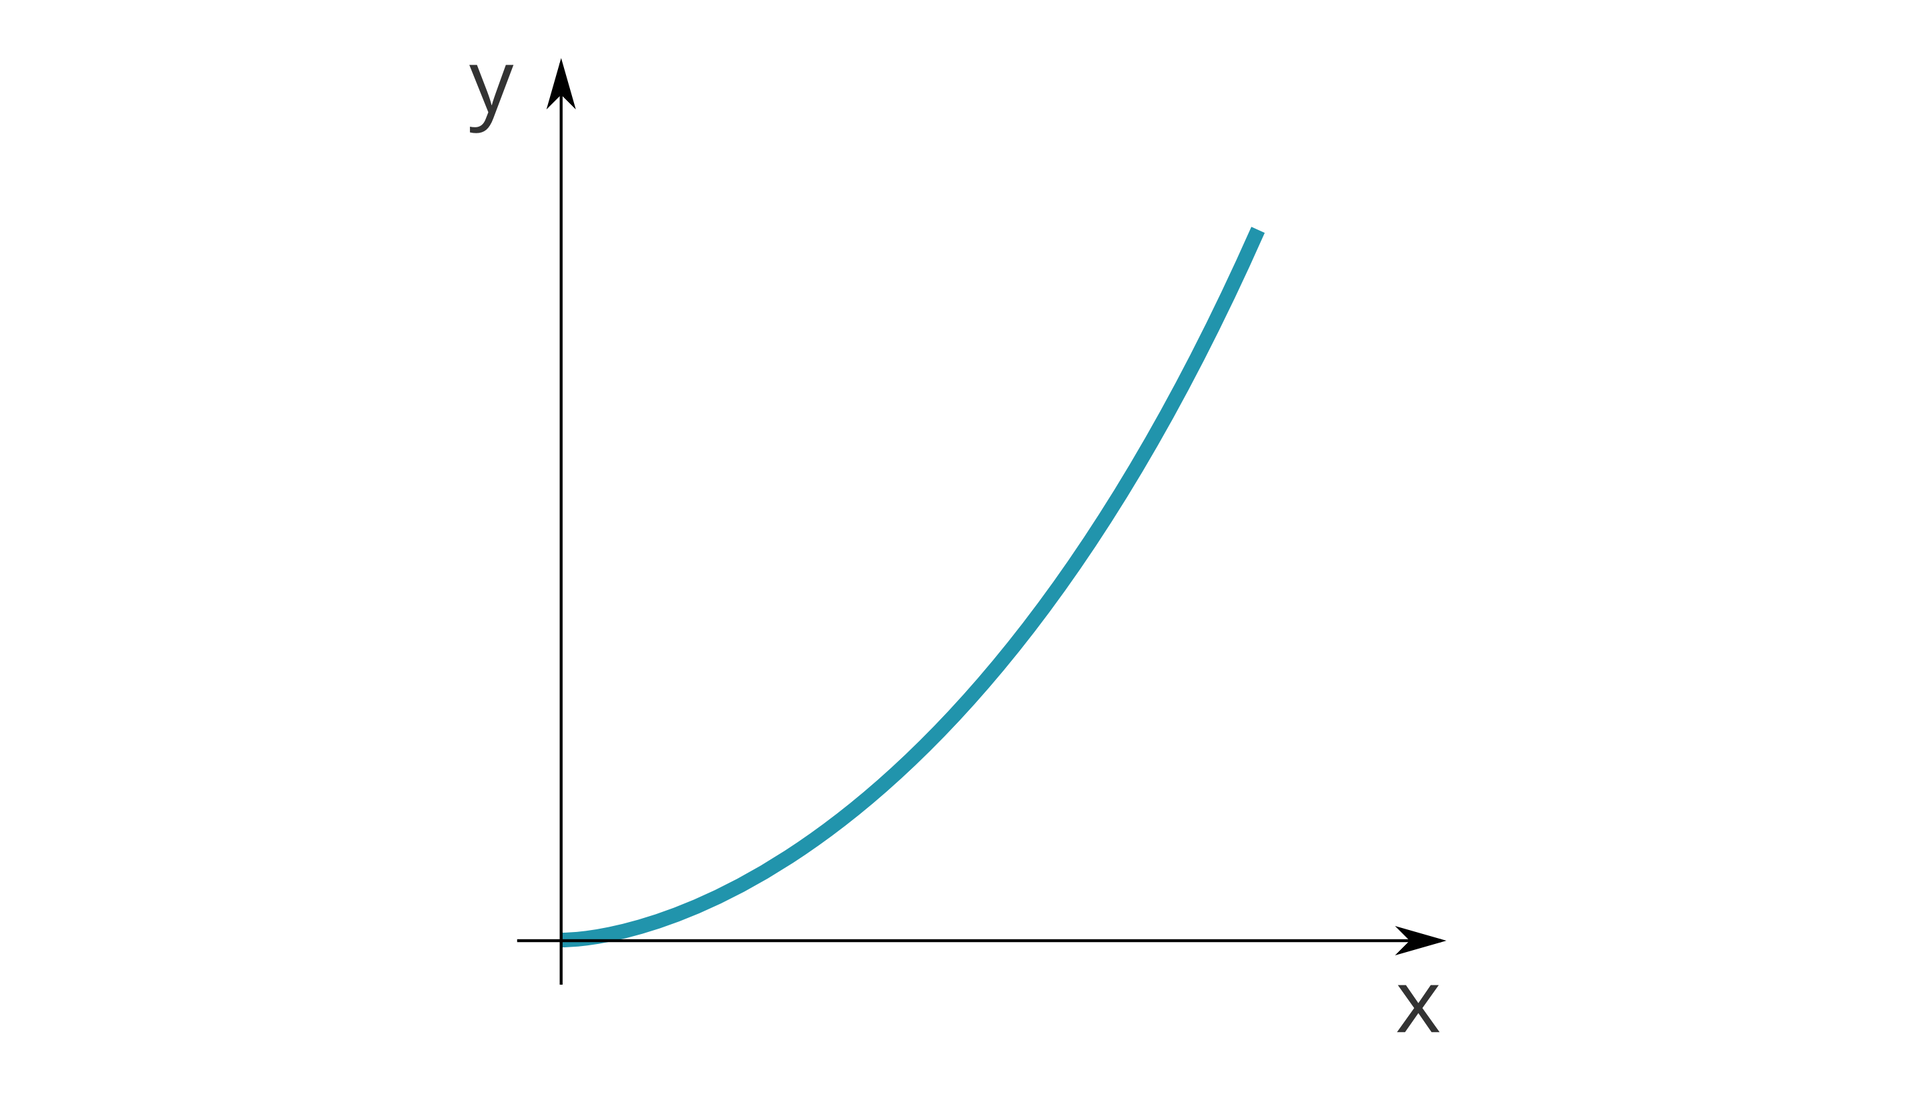 """Ilustracja przedstawia wykres. Tło białe. Oś odciętych opisana jako """"x"""". Oś rzędnych opisana jako """"y"""". Na wykresie znajduje się niebieska linia. Początek wpoczątku układu współrzędnych. Linia przyjęła kształt połowy paraboli zramieniem skierowanym do góry. Najniższy punkt paraboli przypada na początek układu współrzędnych."""